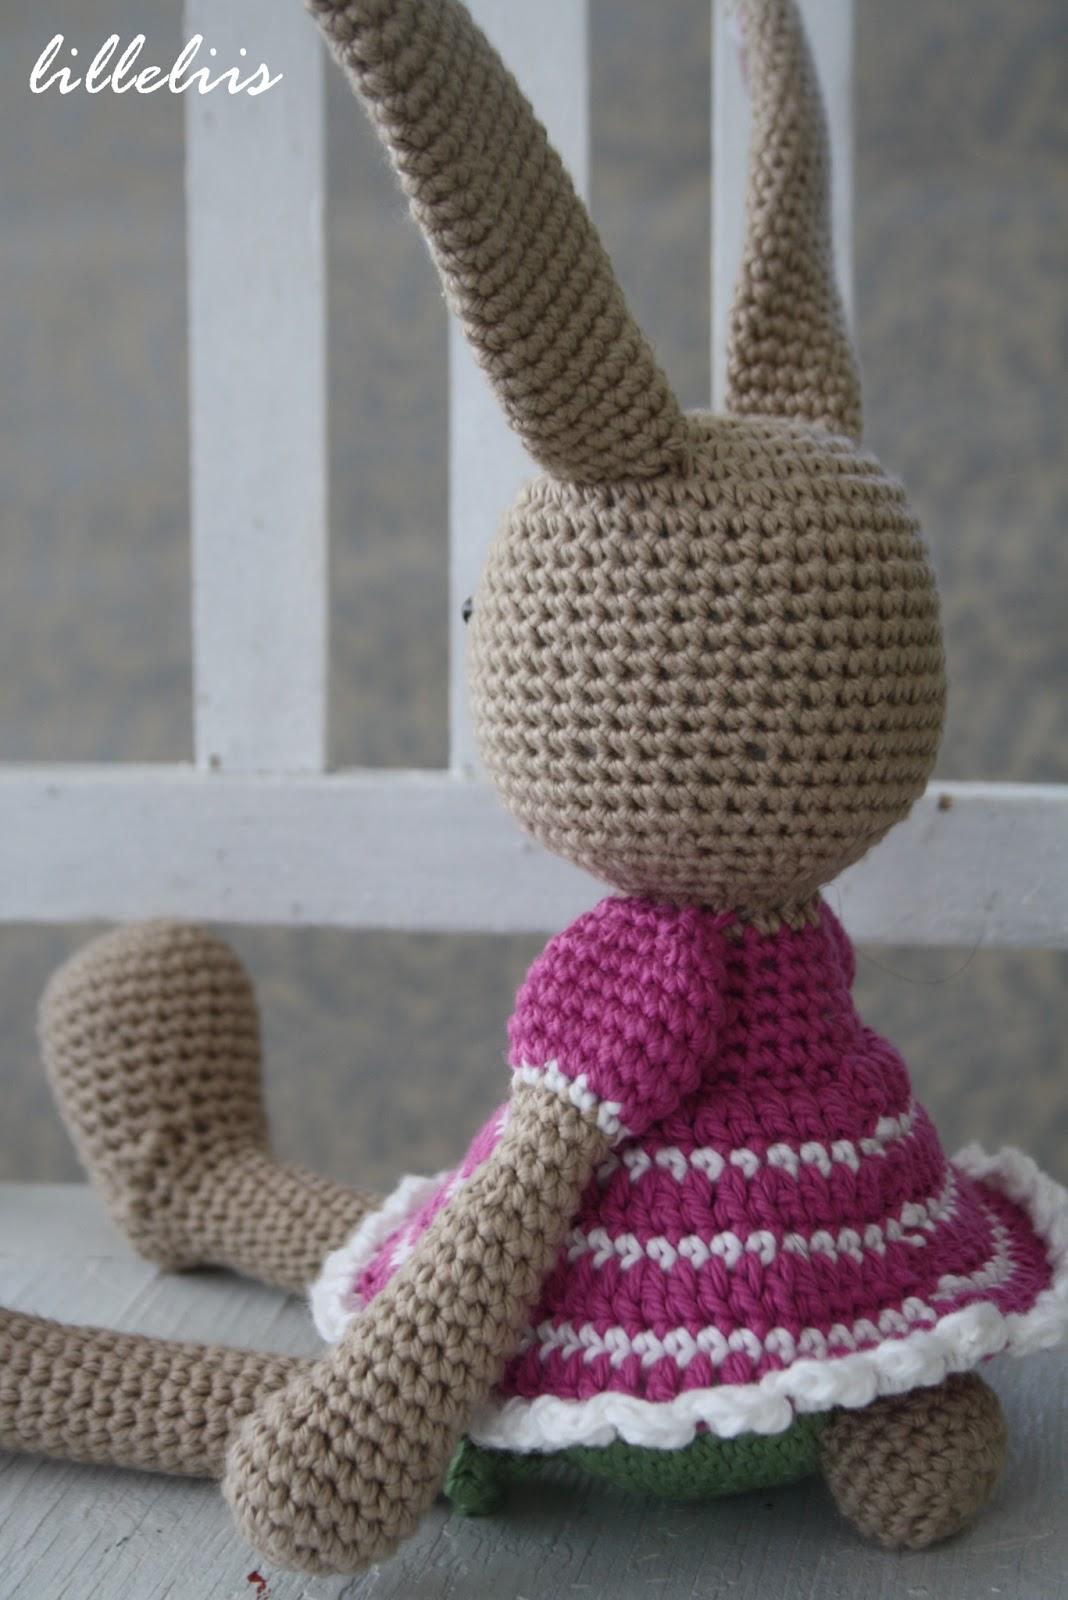 d59d54019d0 Mõeldud just väikestele tüdrukutele. Tal on jalga heegeldatud satsiga  püksikesed ning seljas triibuline puhv-varrukatega kleit.